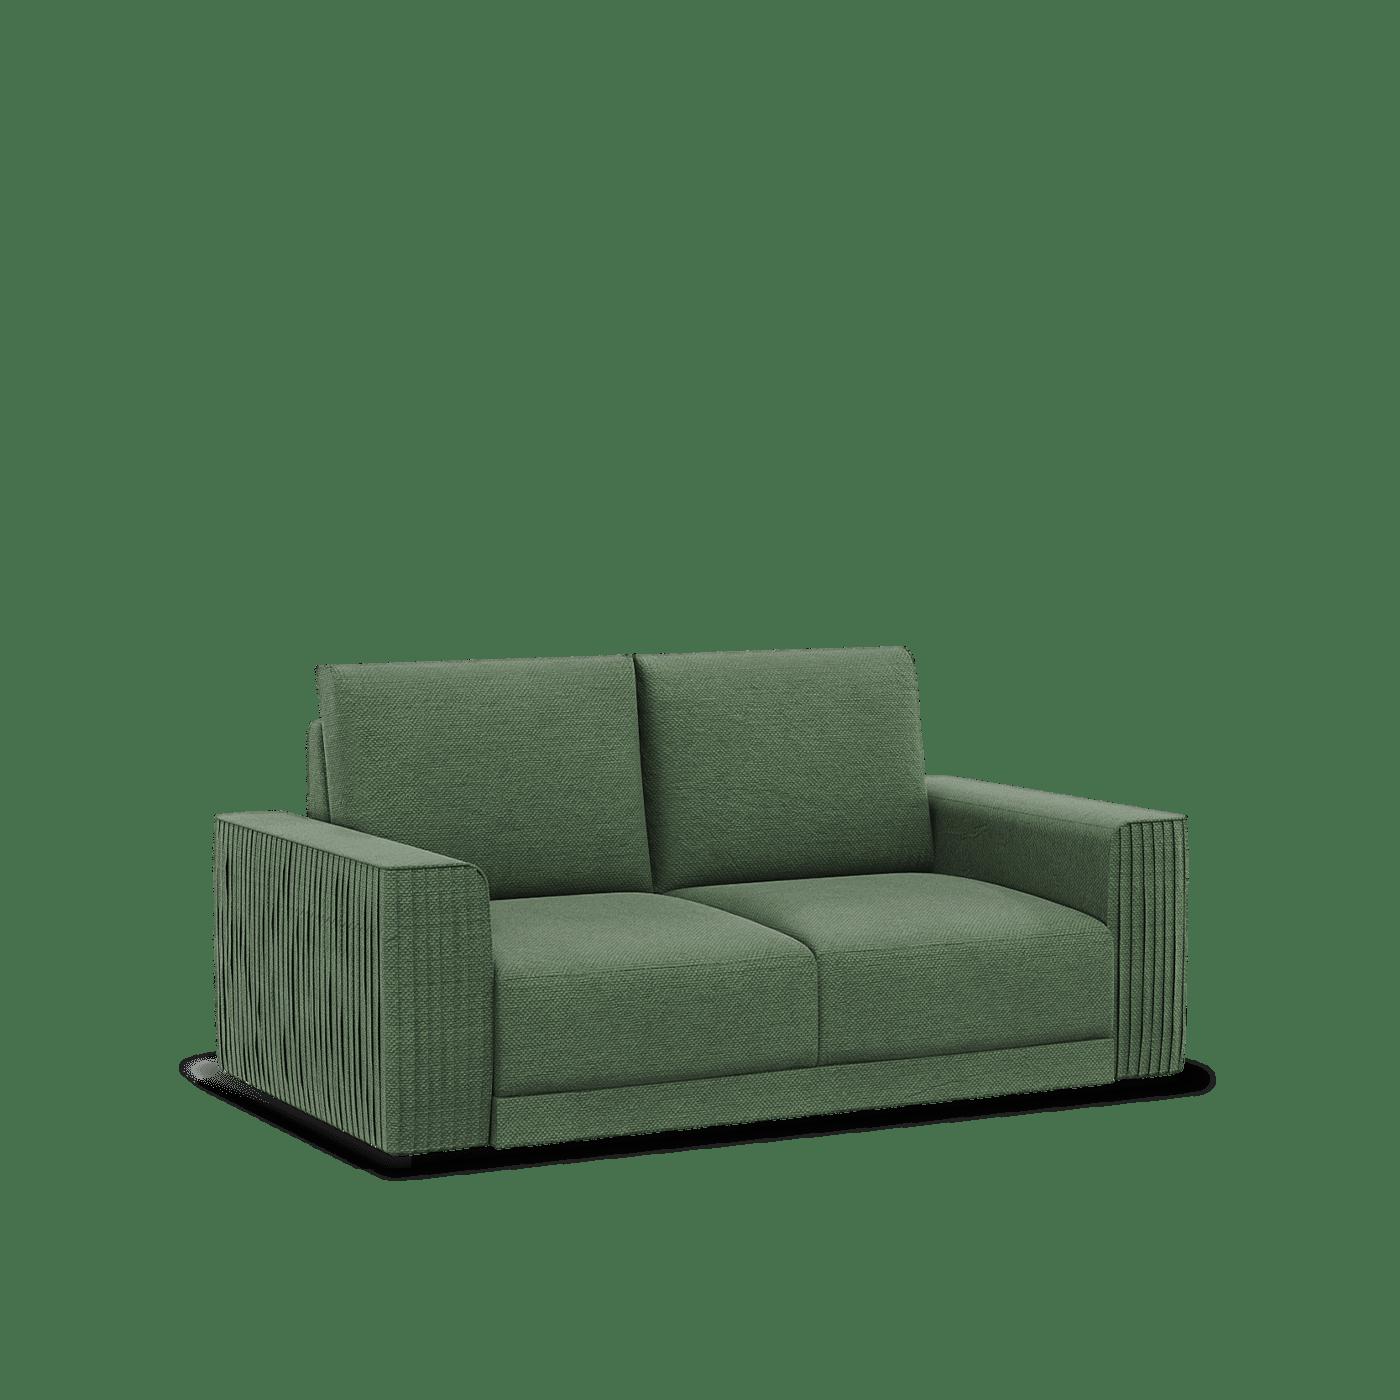 Holf 2 seater sofa